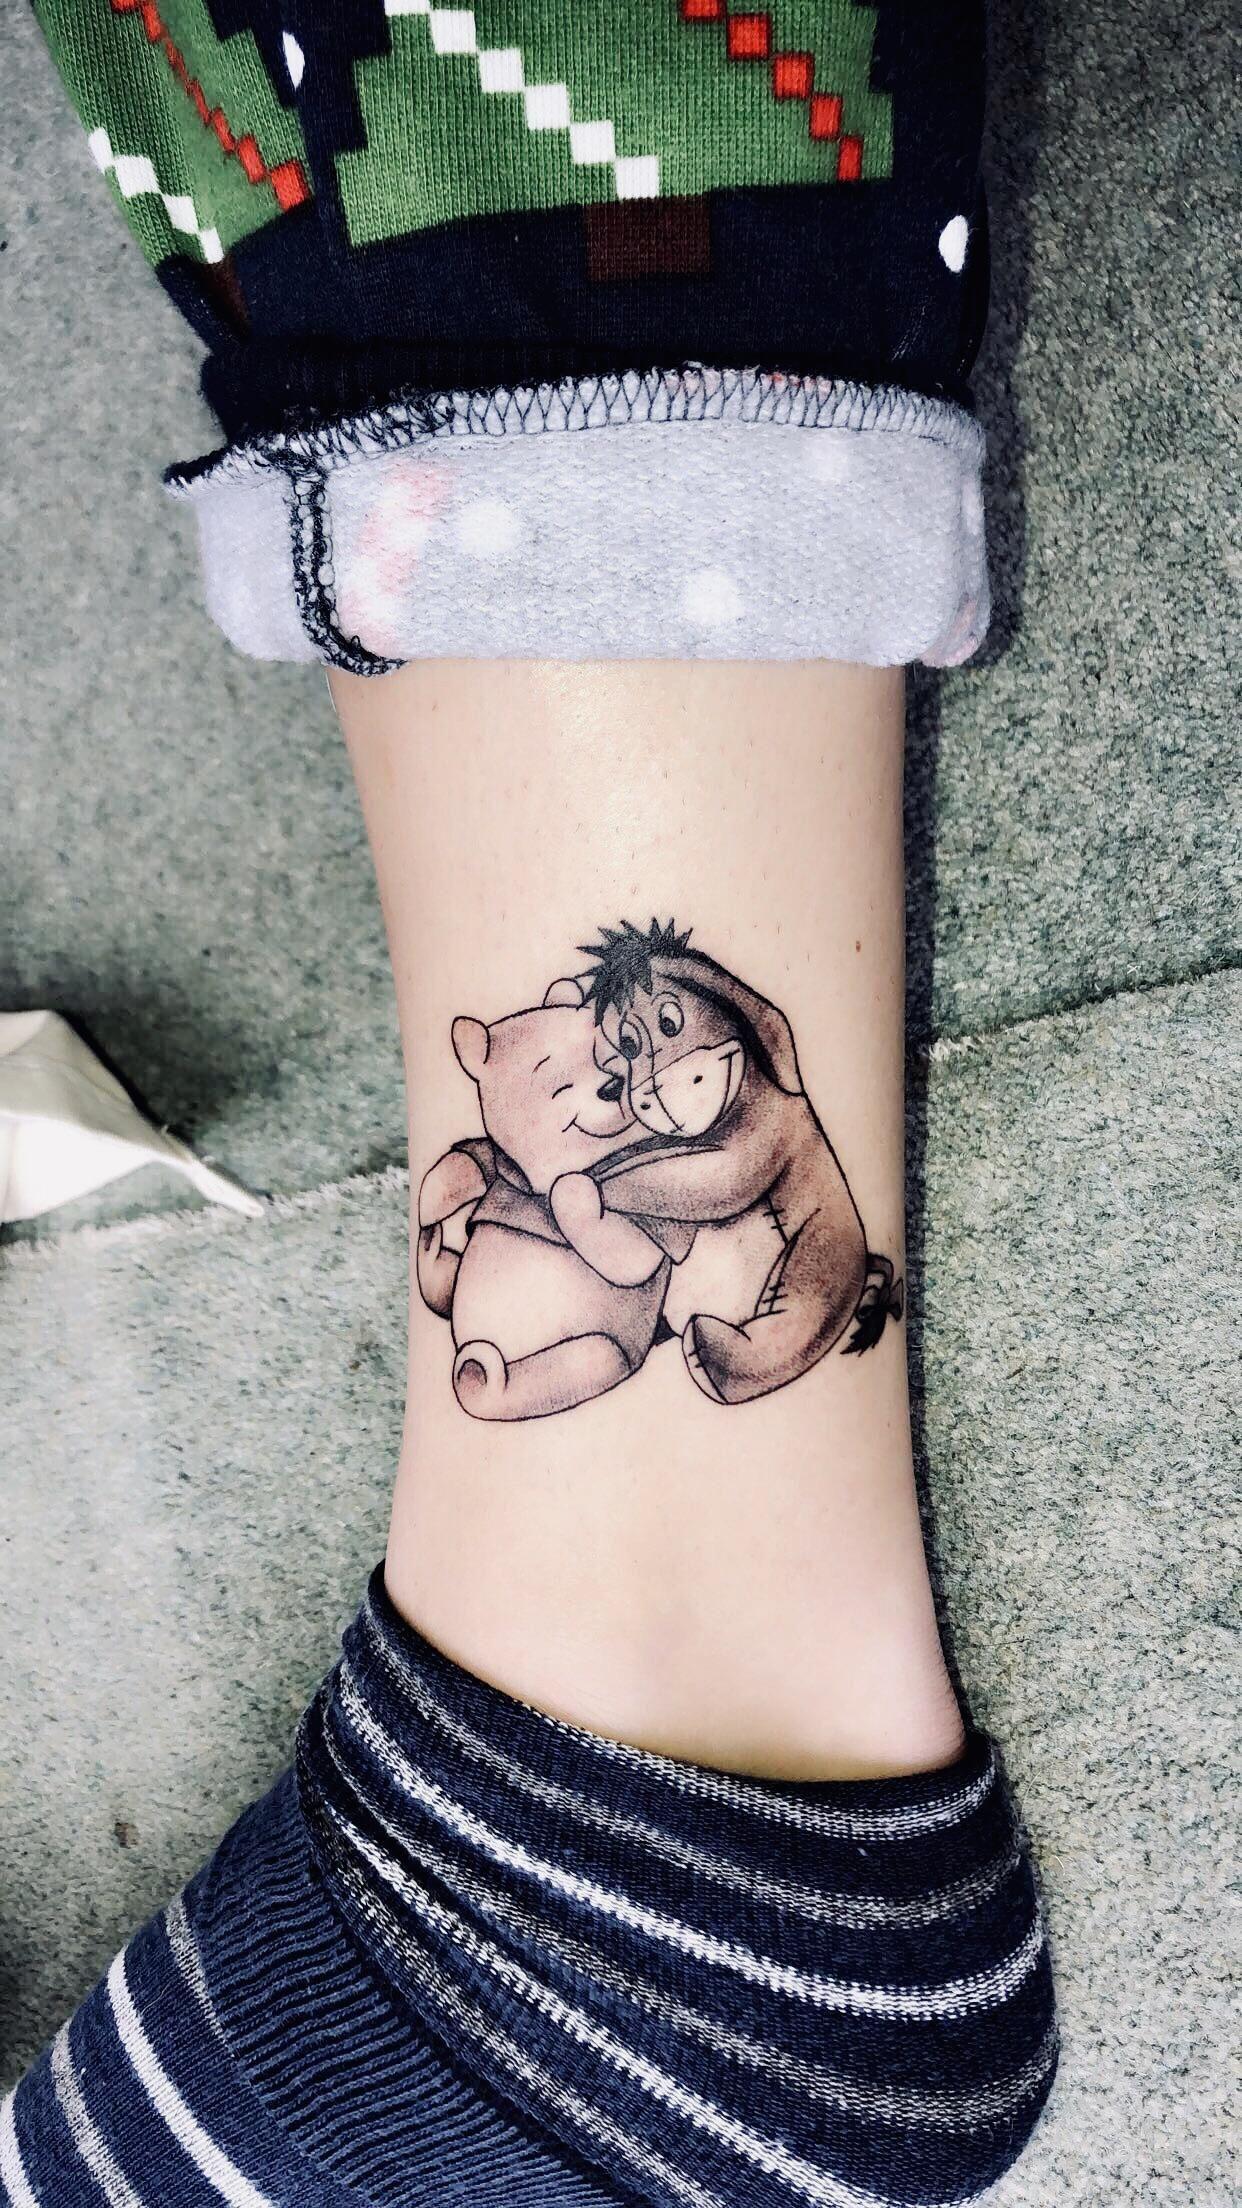 Sweet little WinniethePooh tattoo done by Jon @ Atomic tattoos, Oxford   tattoos is part of Winnie the pooh tattoos -